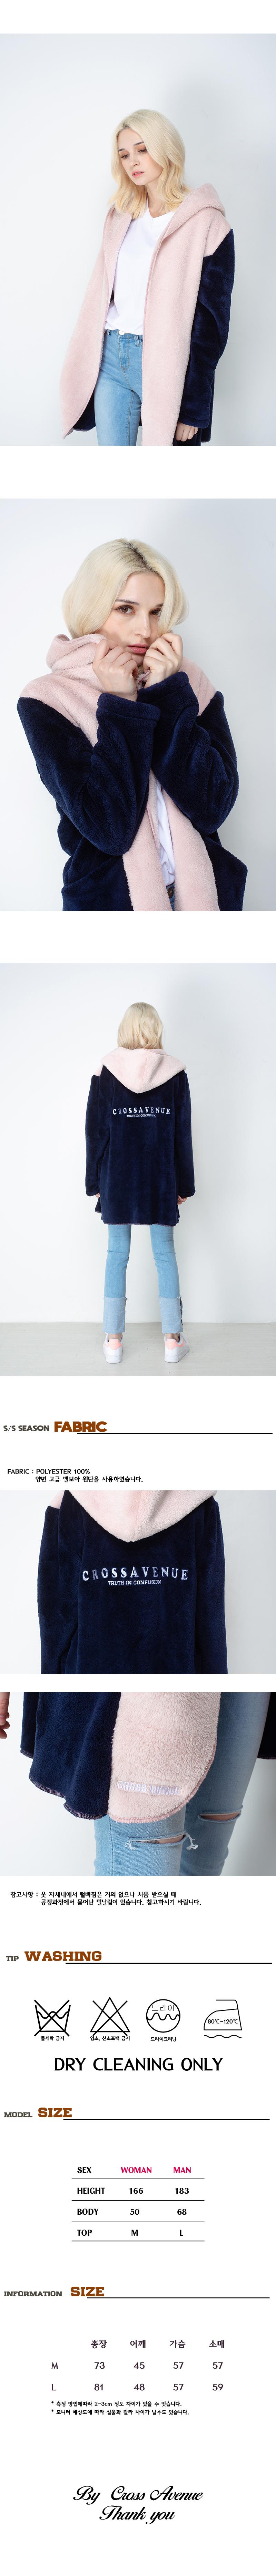 털옷2.jpg